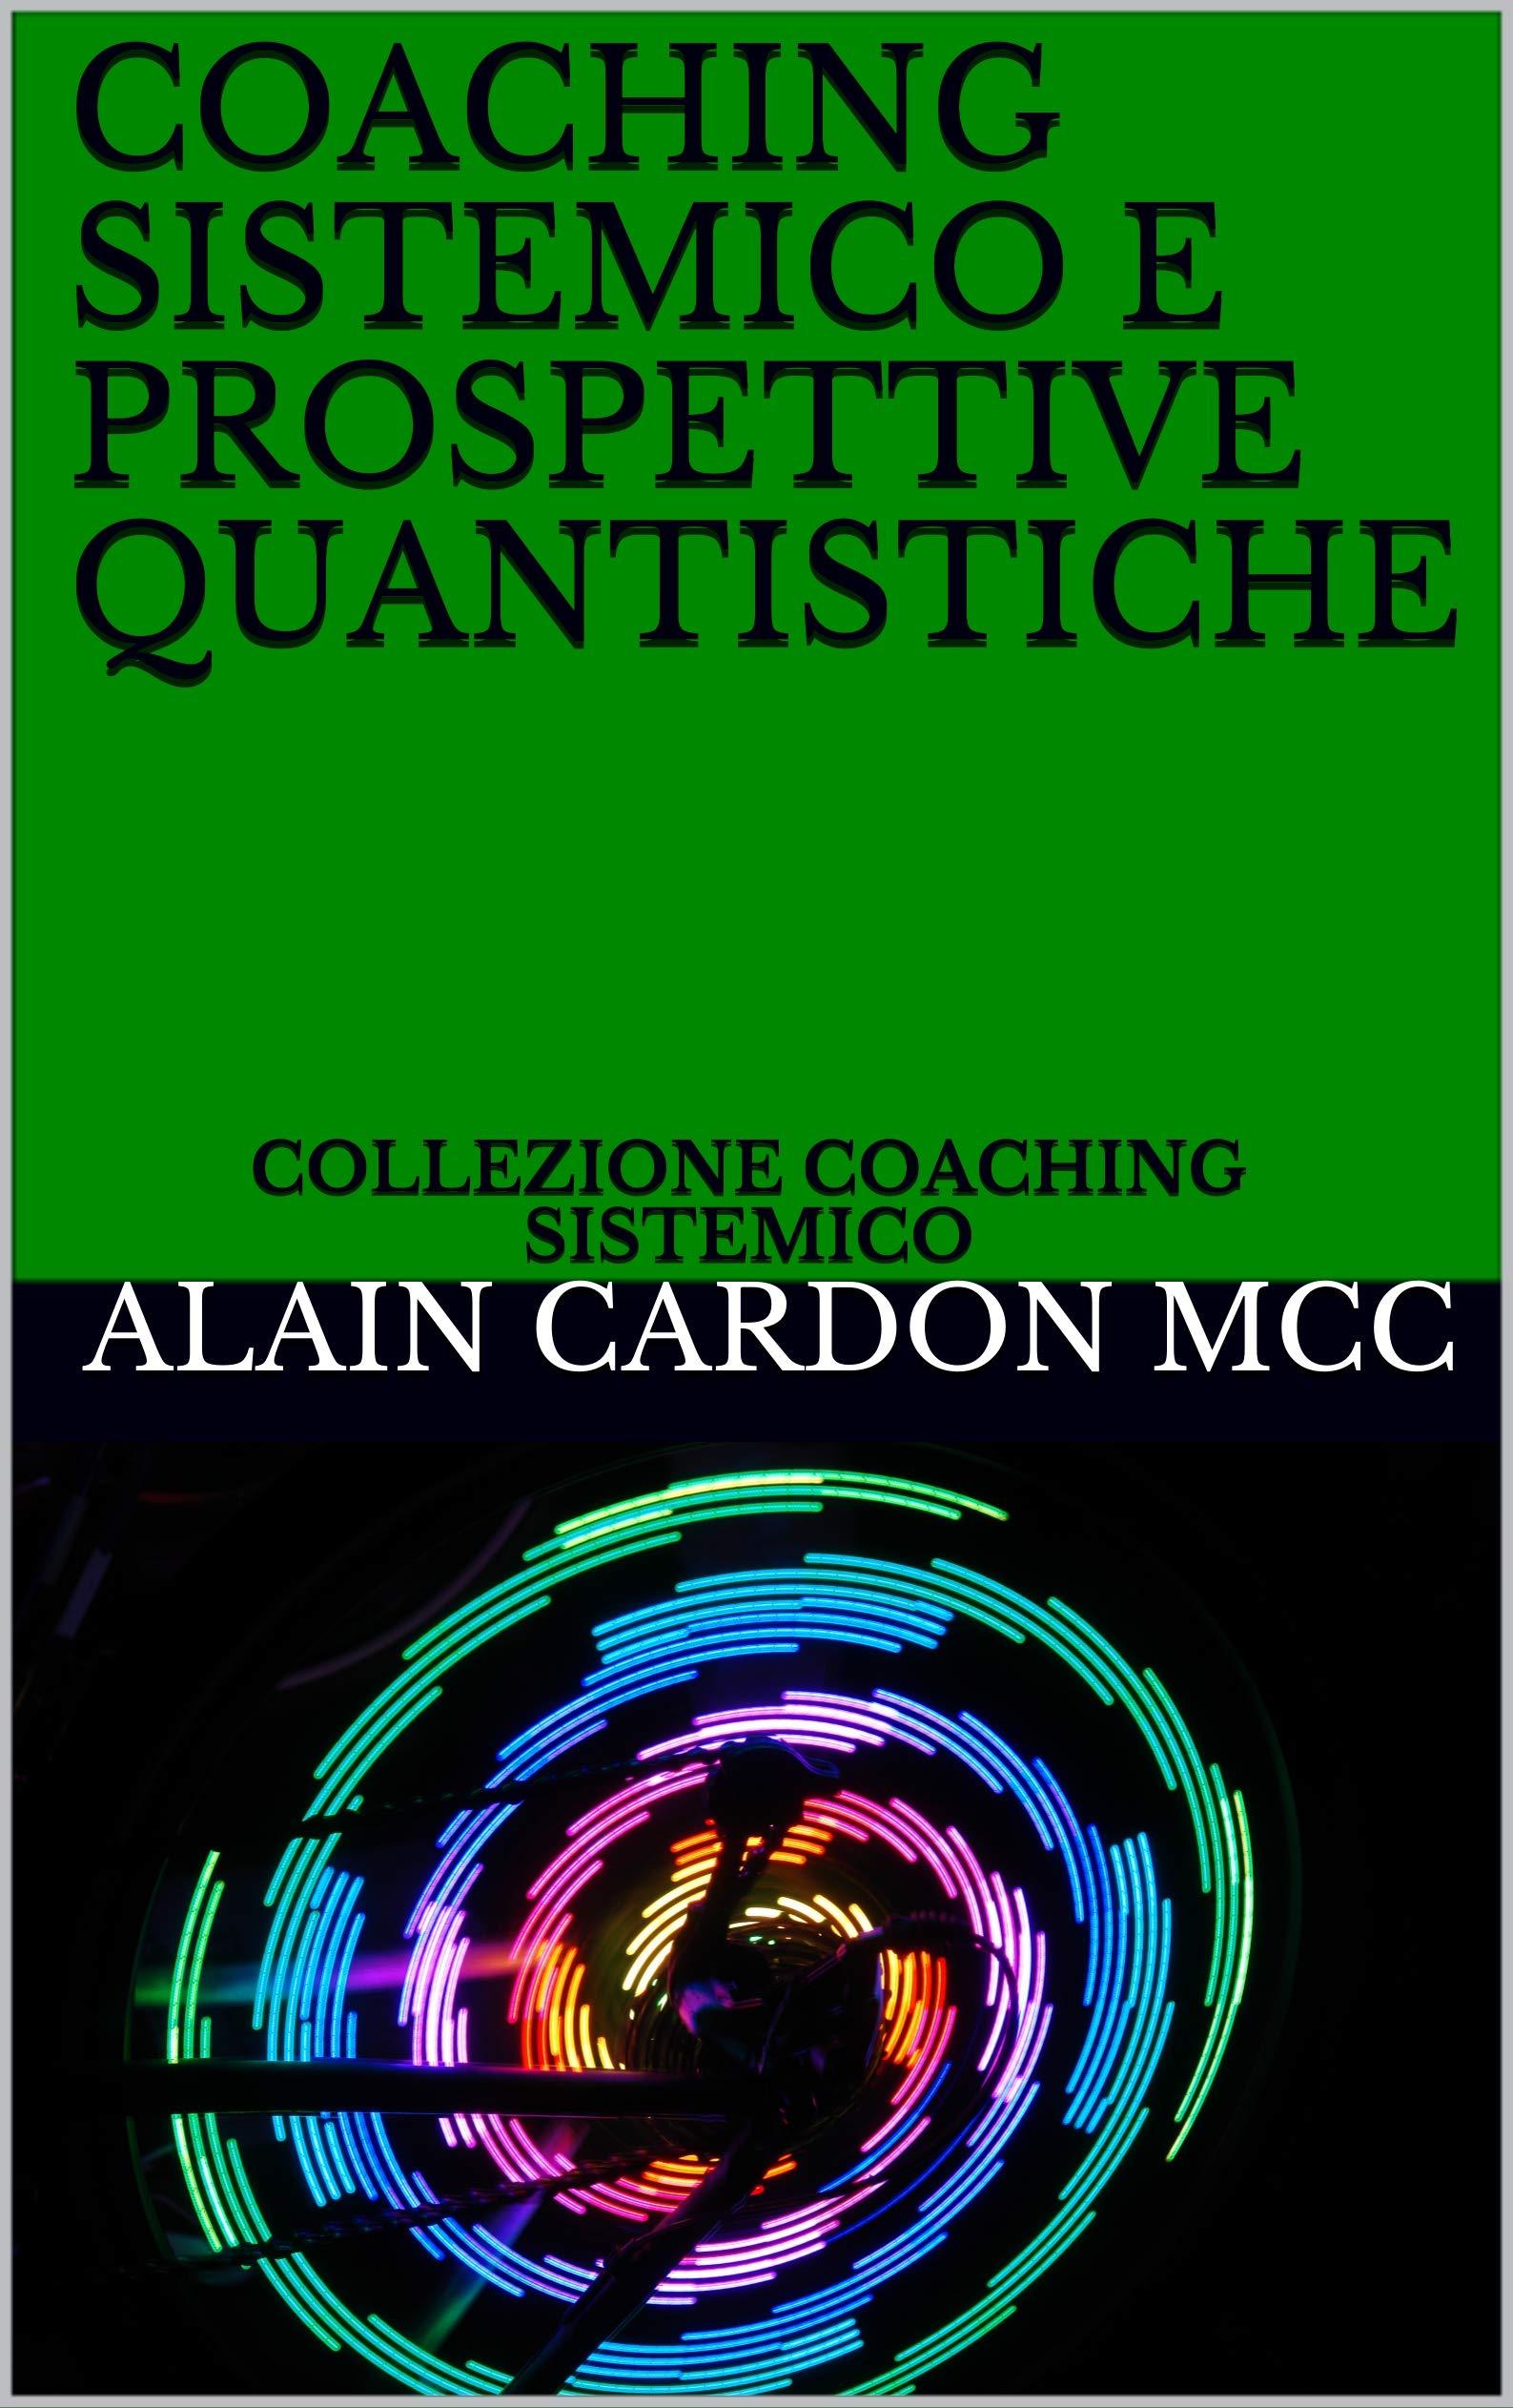 COACHING SISTEMICO E PROSPETTIVE QUANTISTICHE: COLLEZIONE COACHING SISTEMICO (Italian Edition)